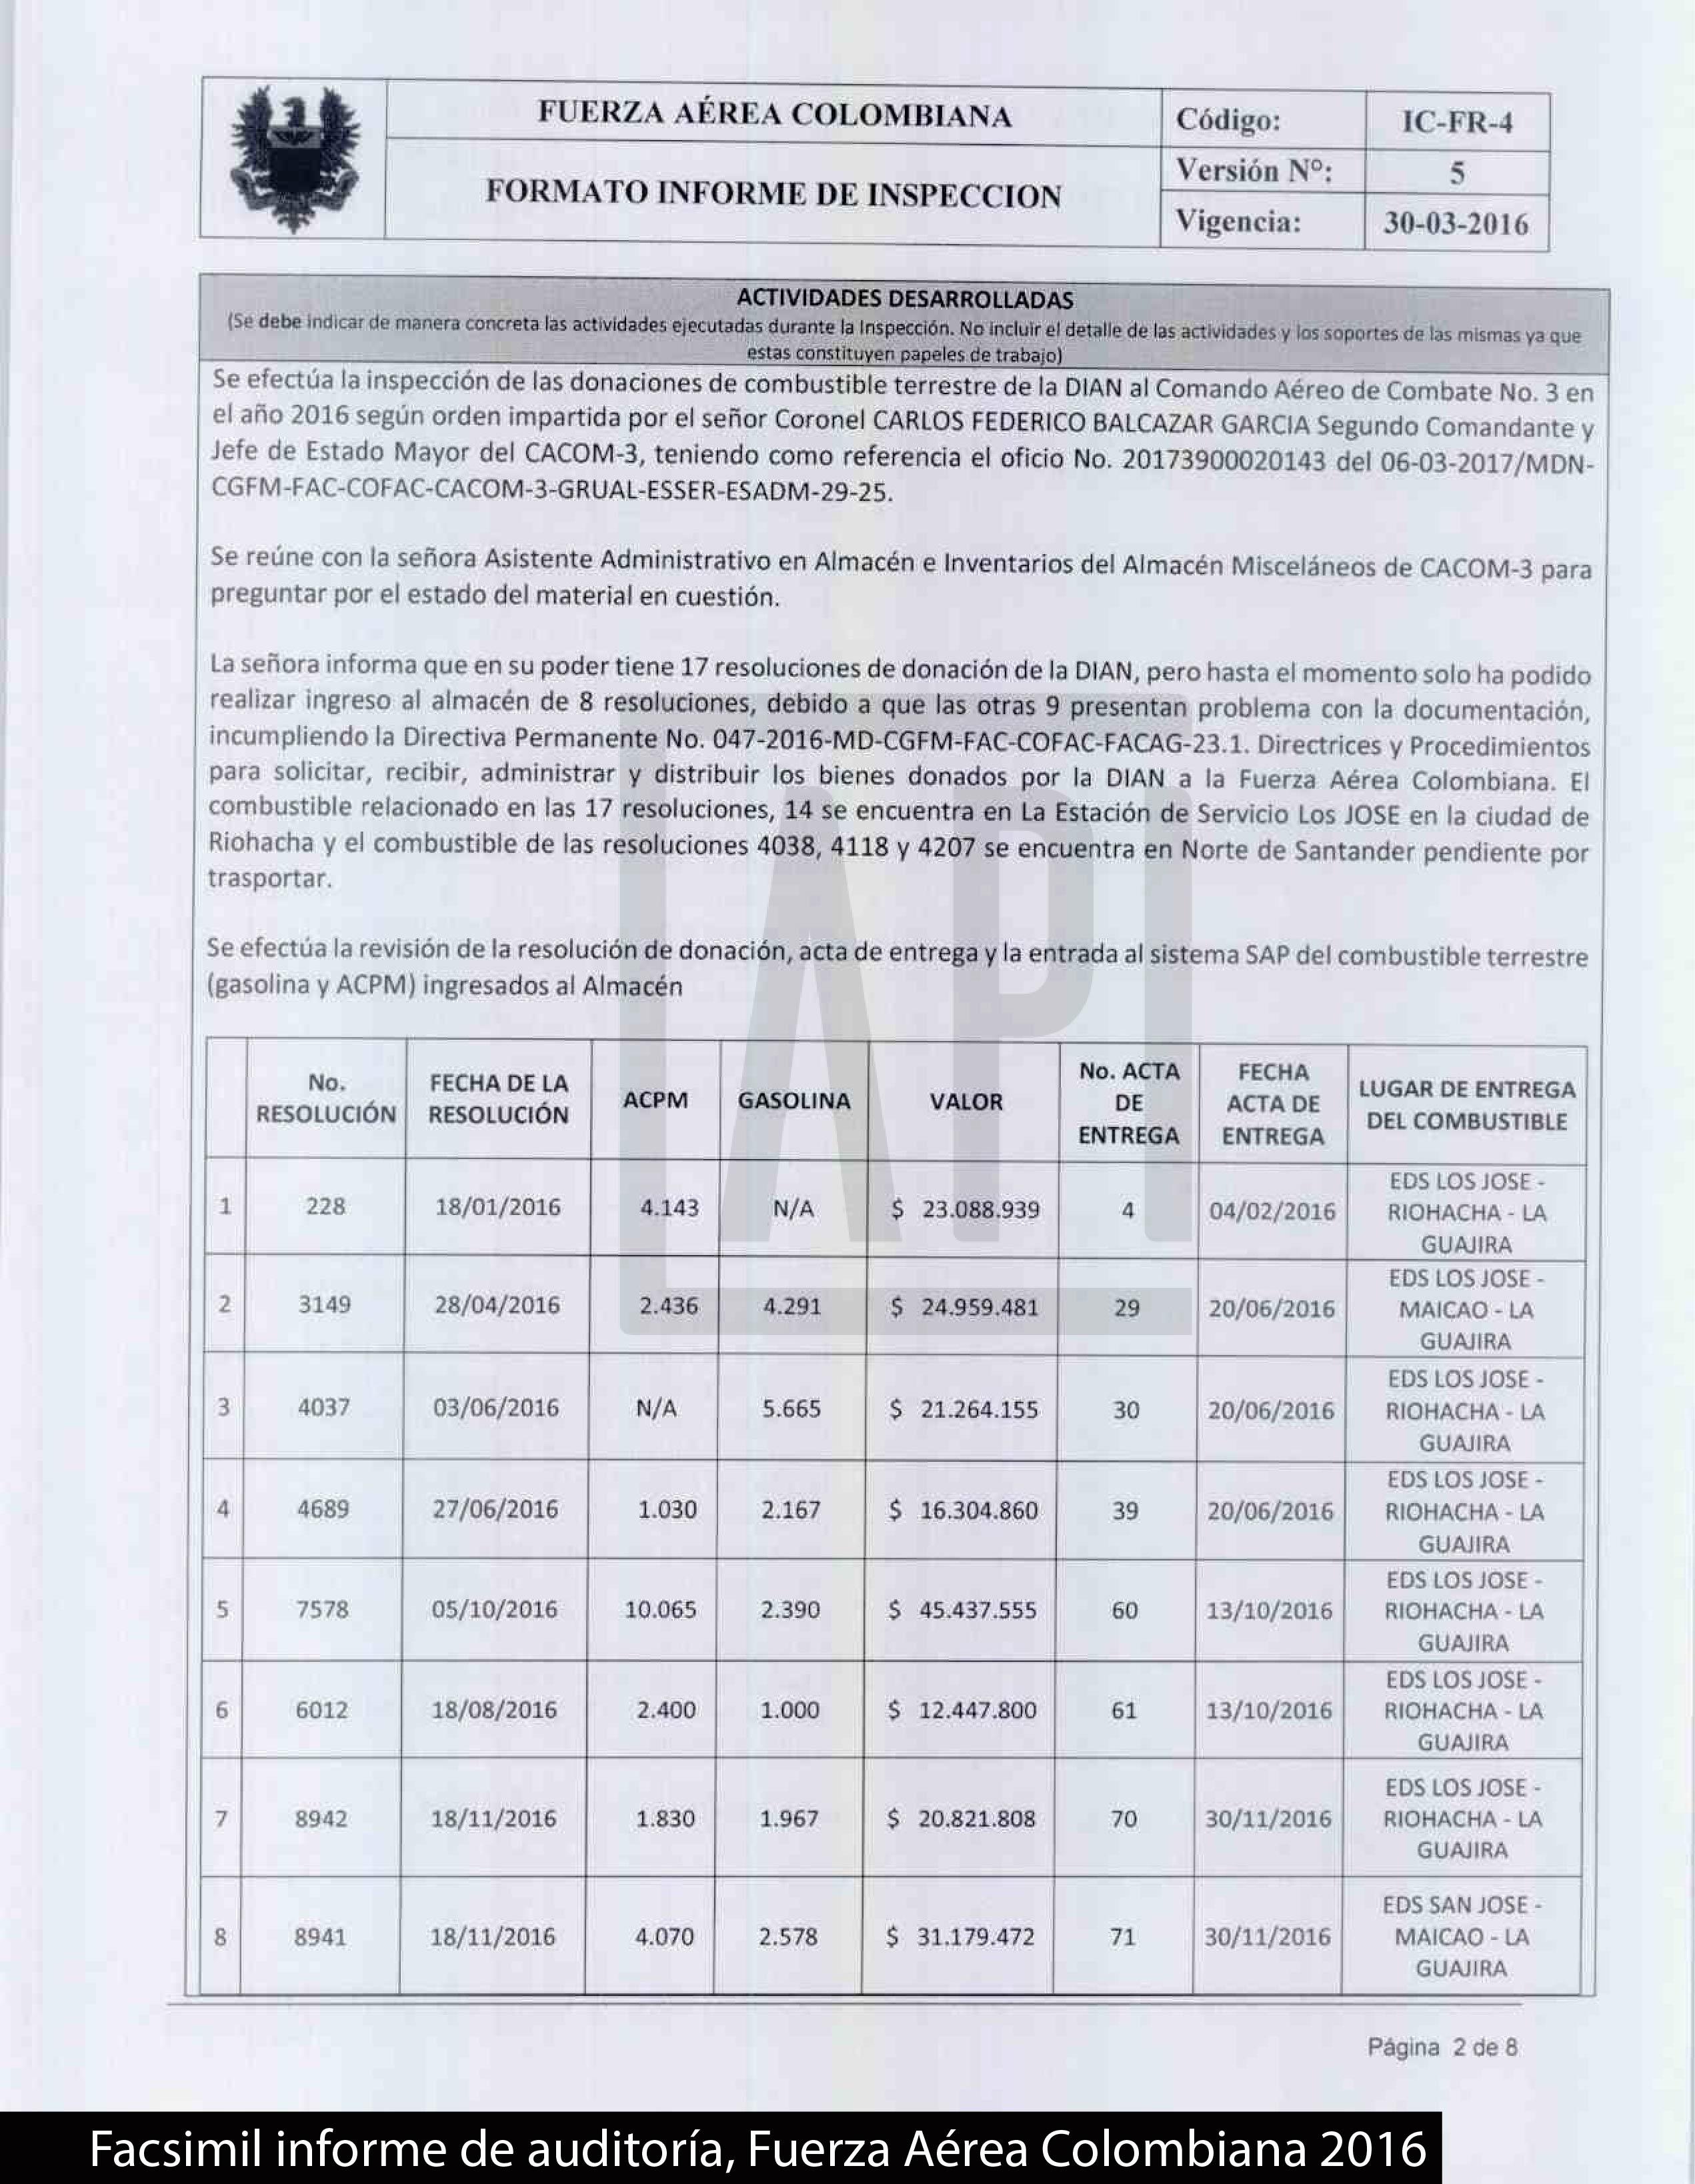 Facsimil informe de auditoría, Fuerza Aérea Colombiana 2016